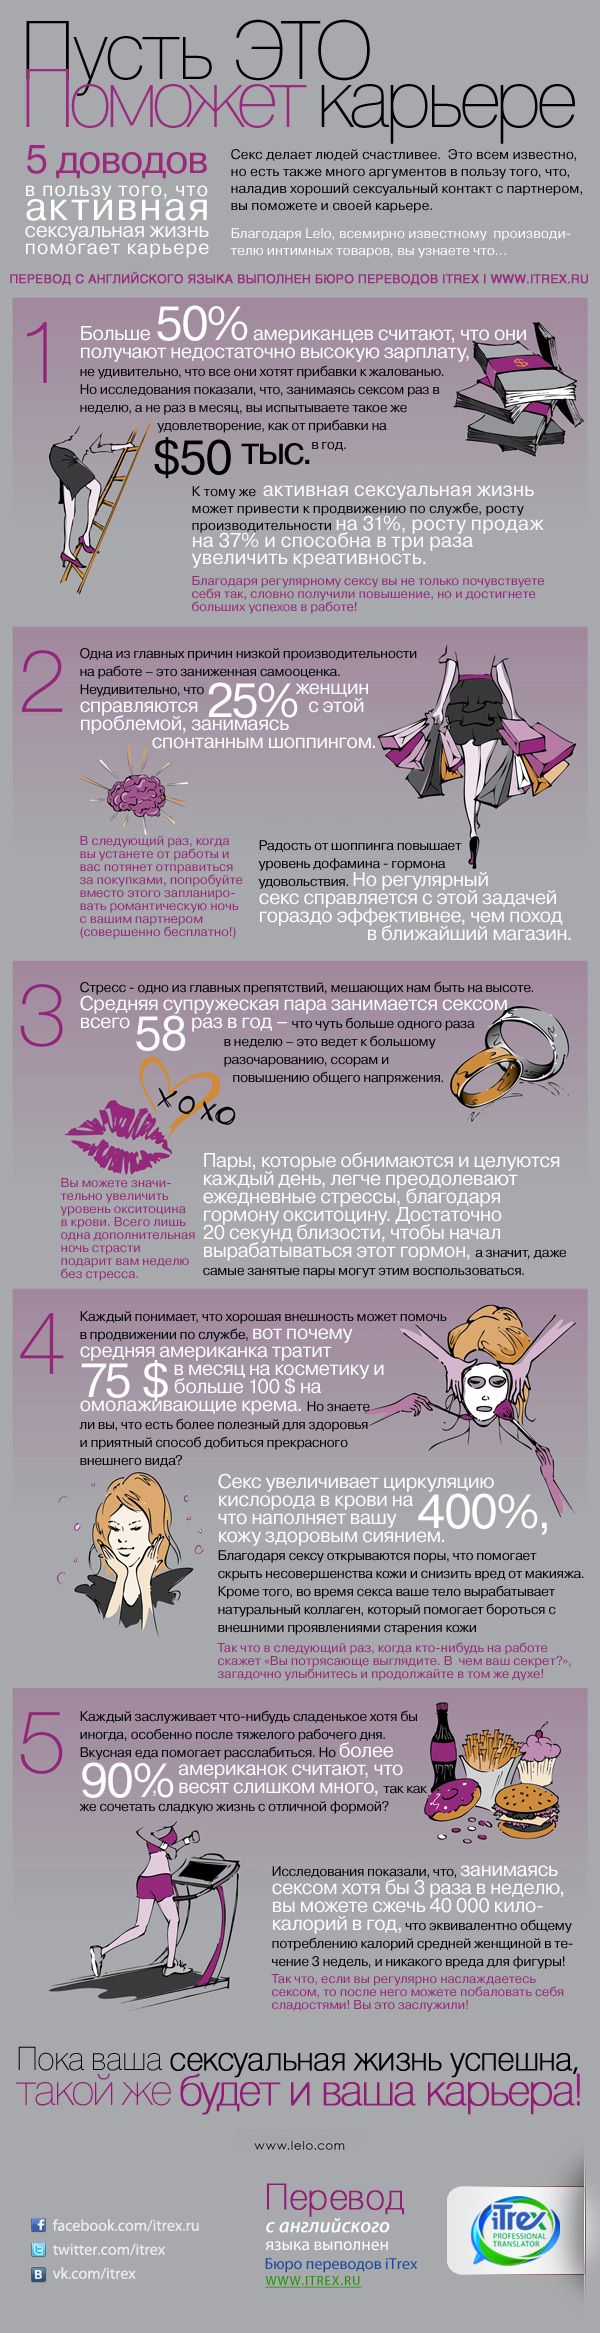 Как секс помогает девушкам в карьерном росте (1 картинка)